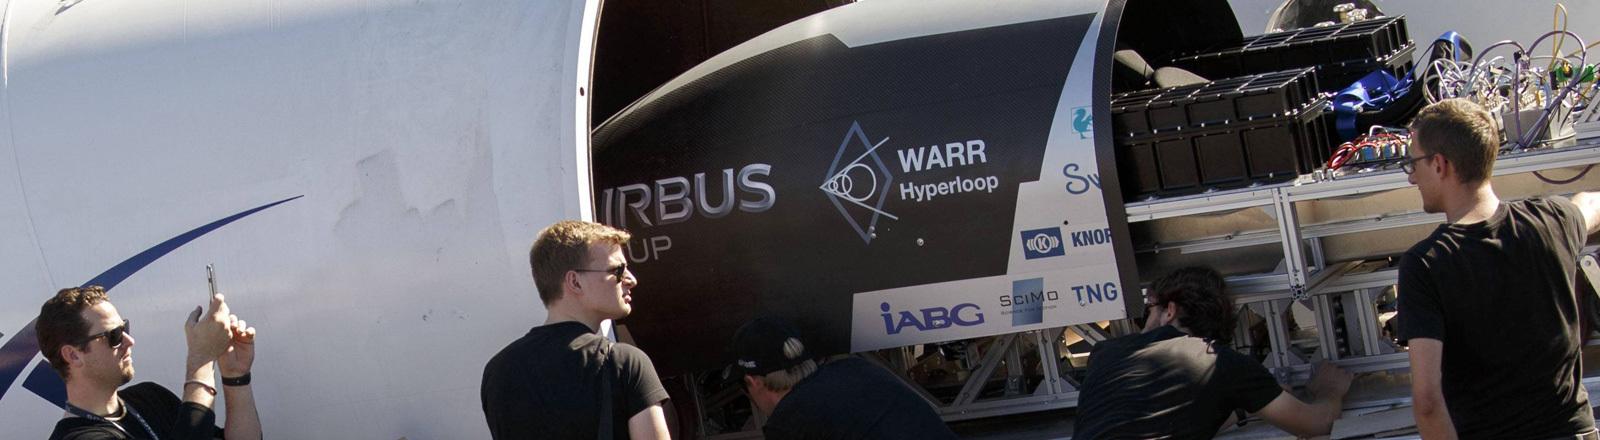 Das Team der TU München an der Hyperloop-Röhre am 29. Januar 2017 in Hawthorne, Kalifornien, USA.